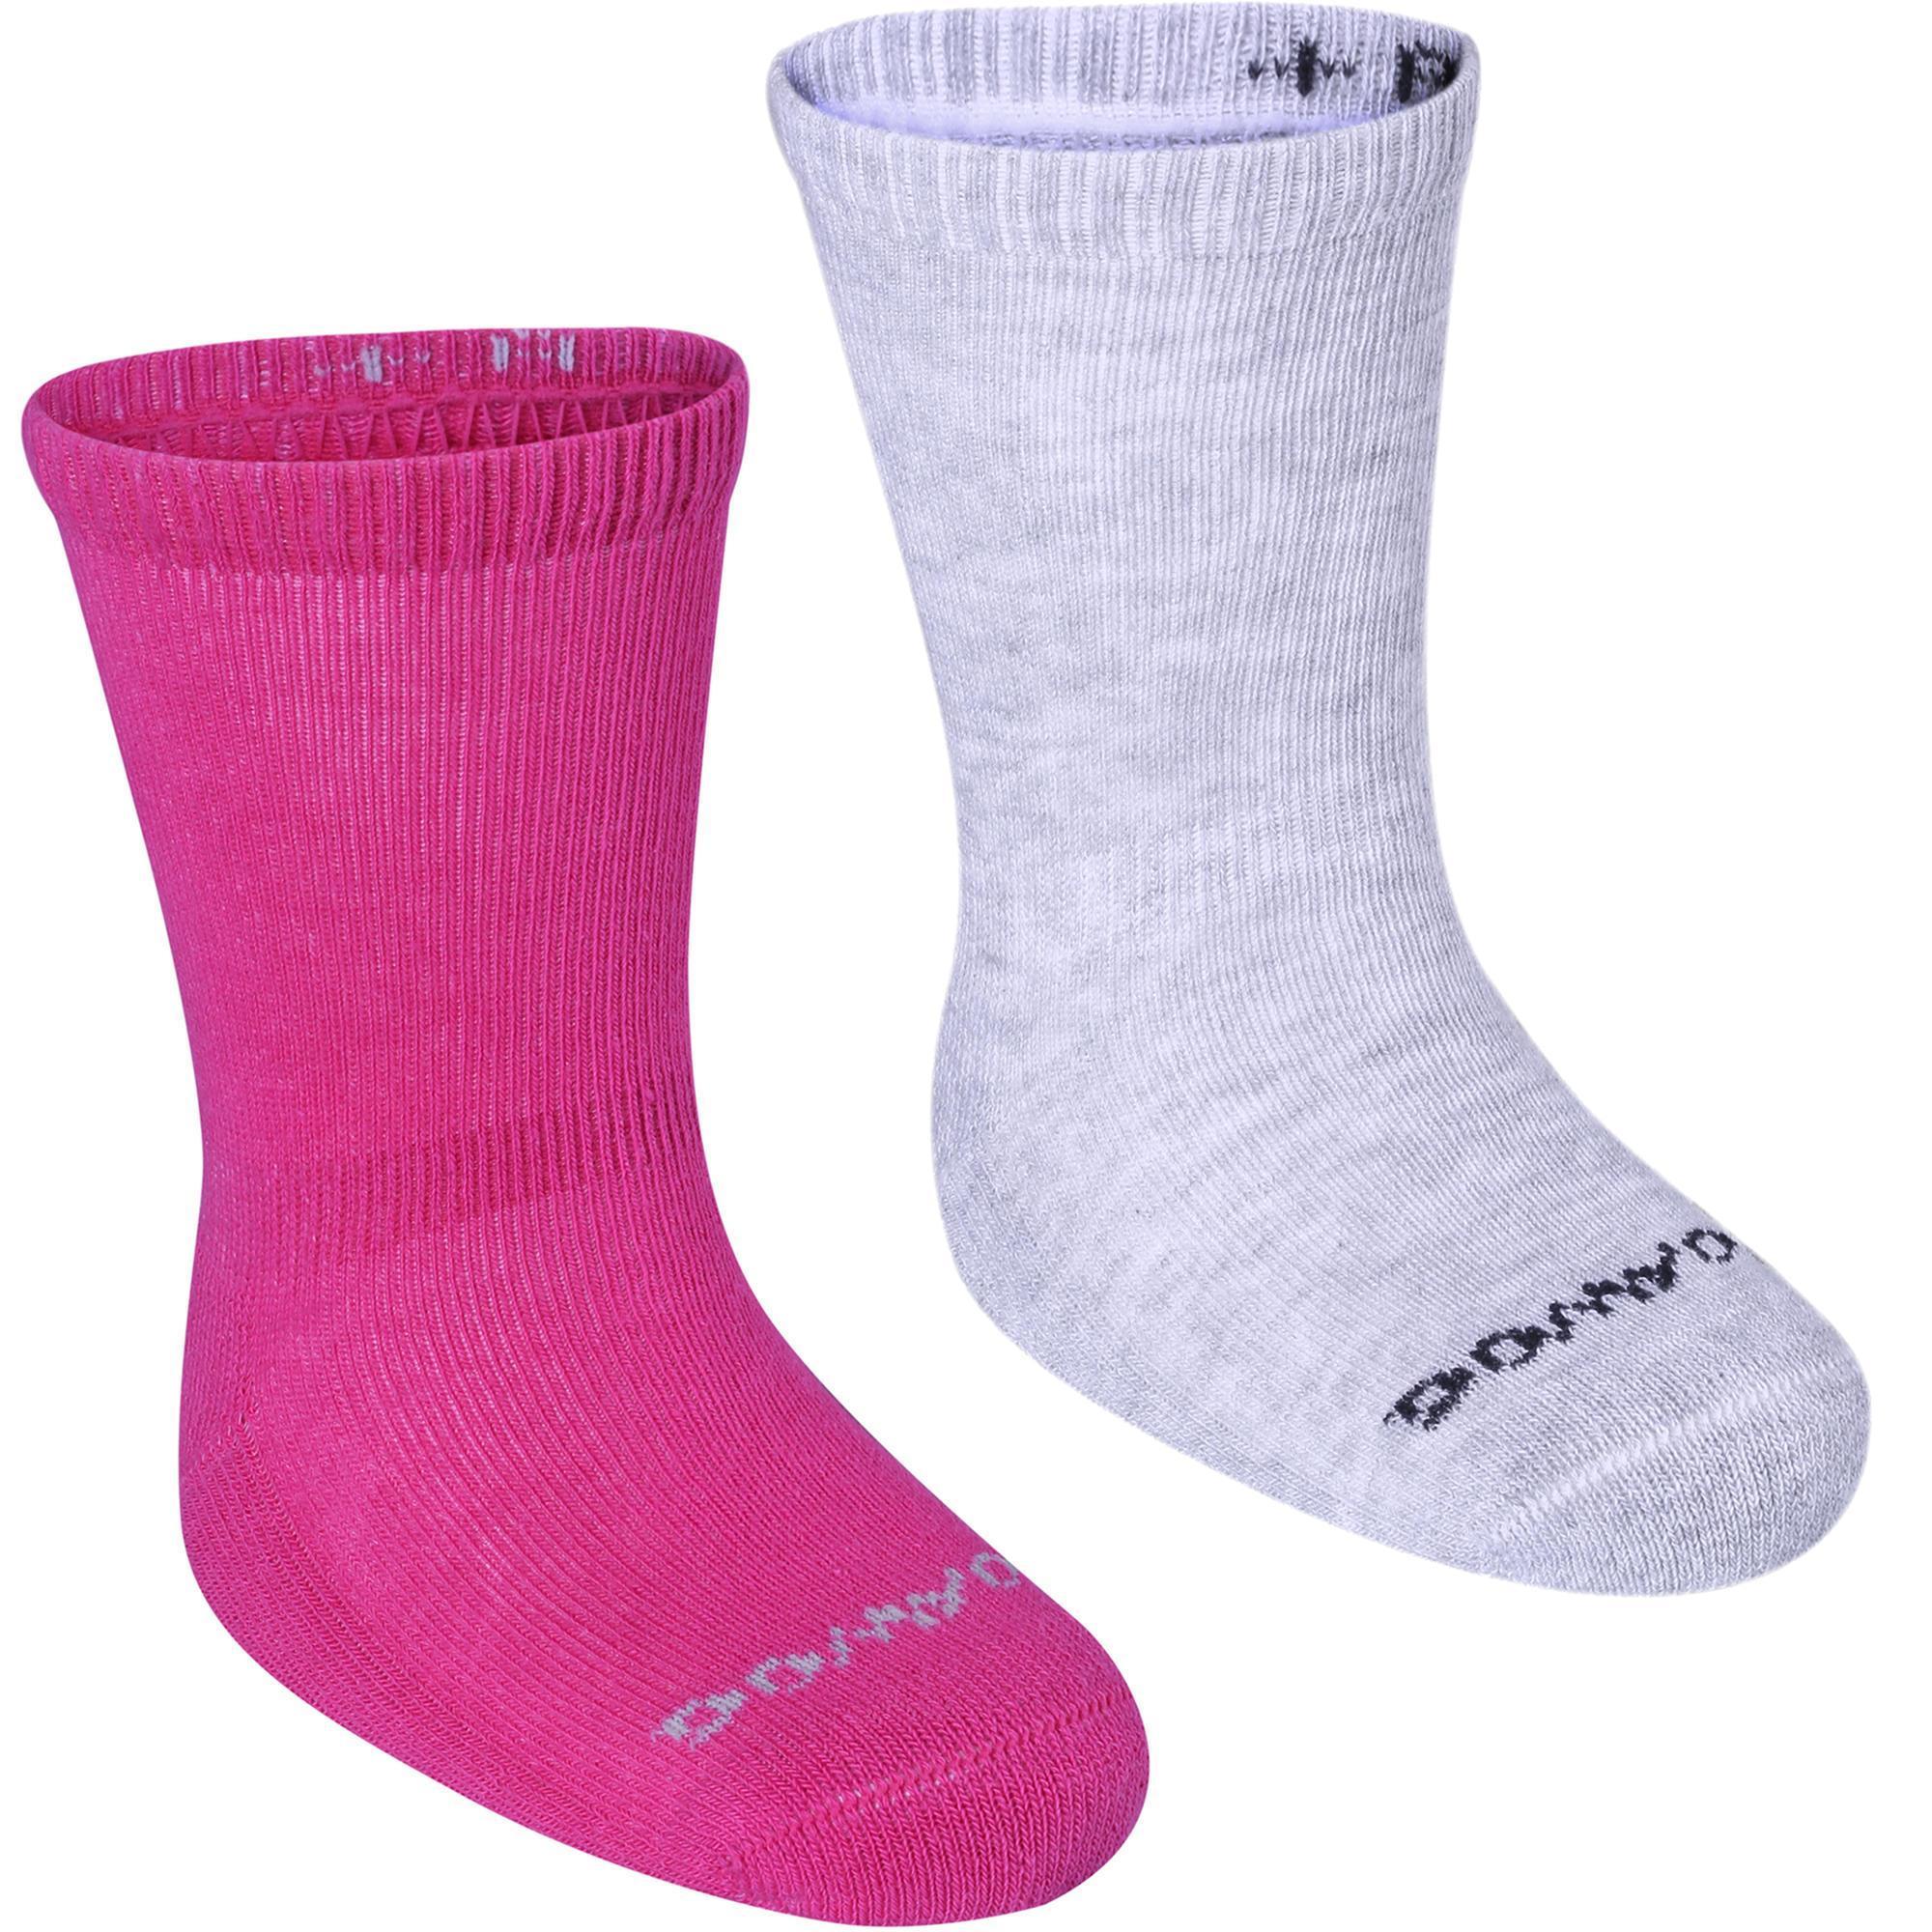 Domyos Antislip sokken 500 voor gym, set van 2 paar, roze/gemêleerd